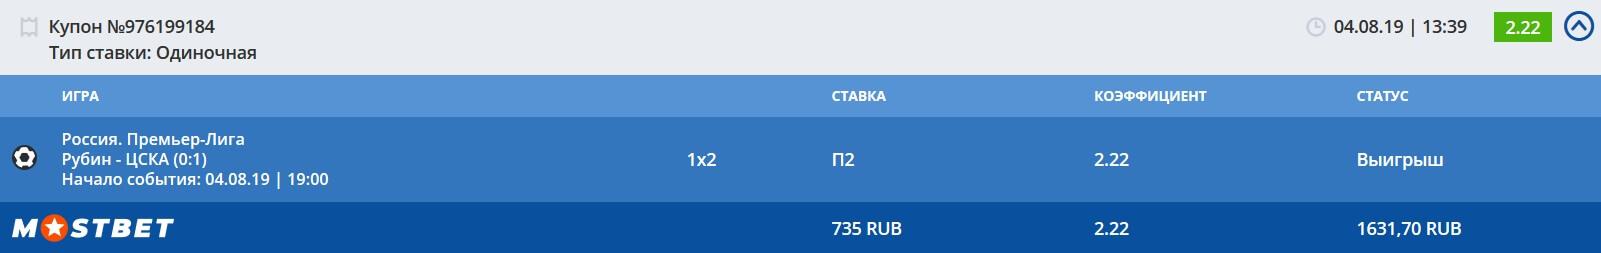 Рубин - ЦСКА, Результаты Ставки